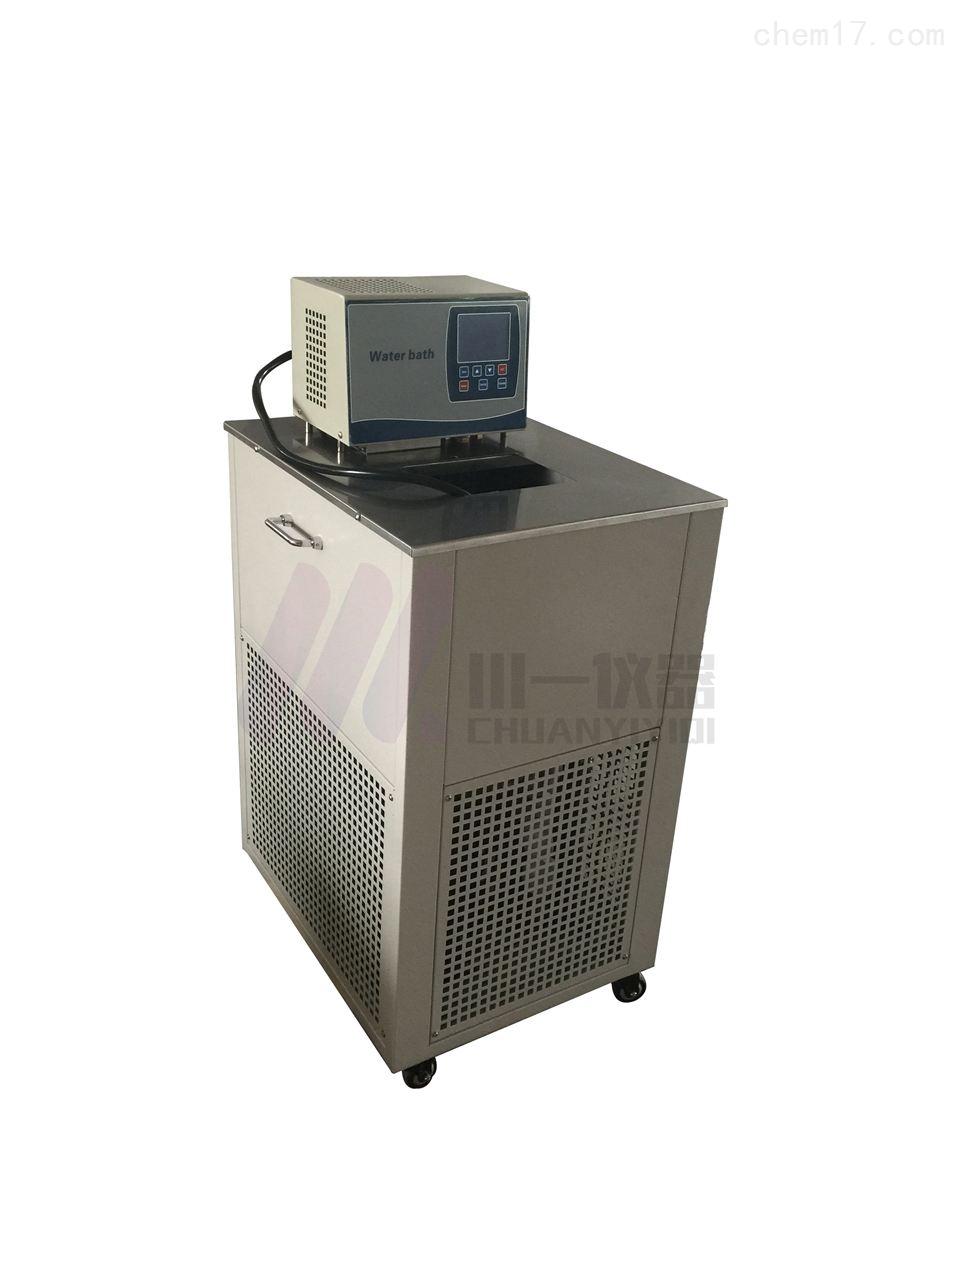 泉州低温恒温水浴槽CYDC-1010低温反应槽